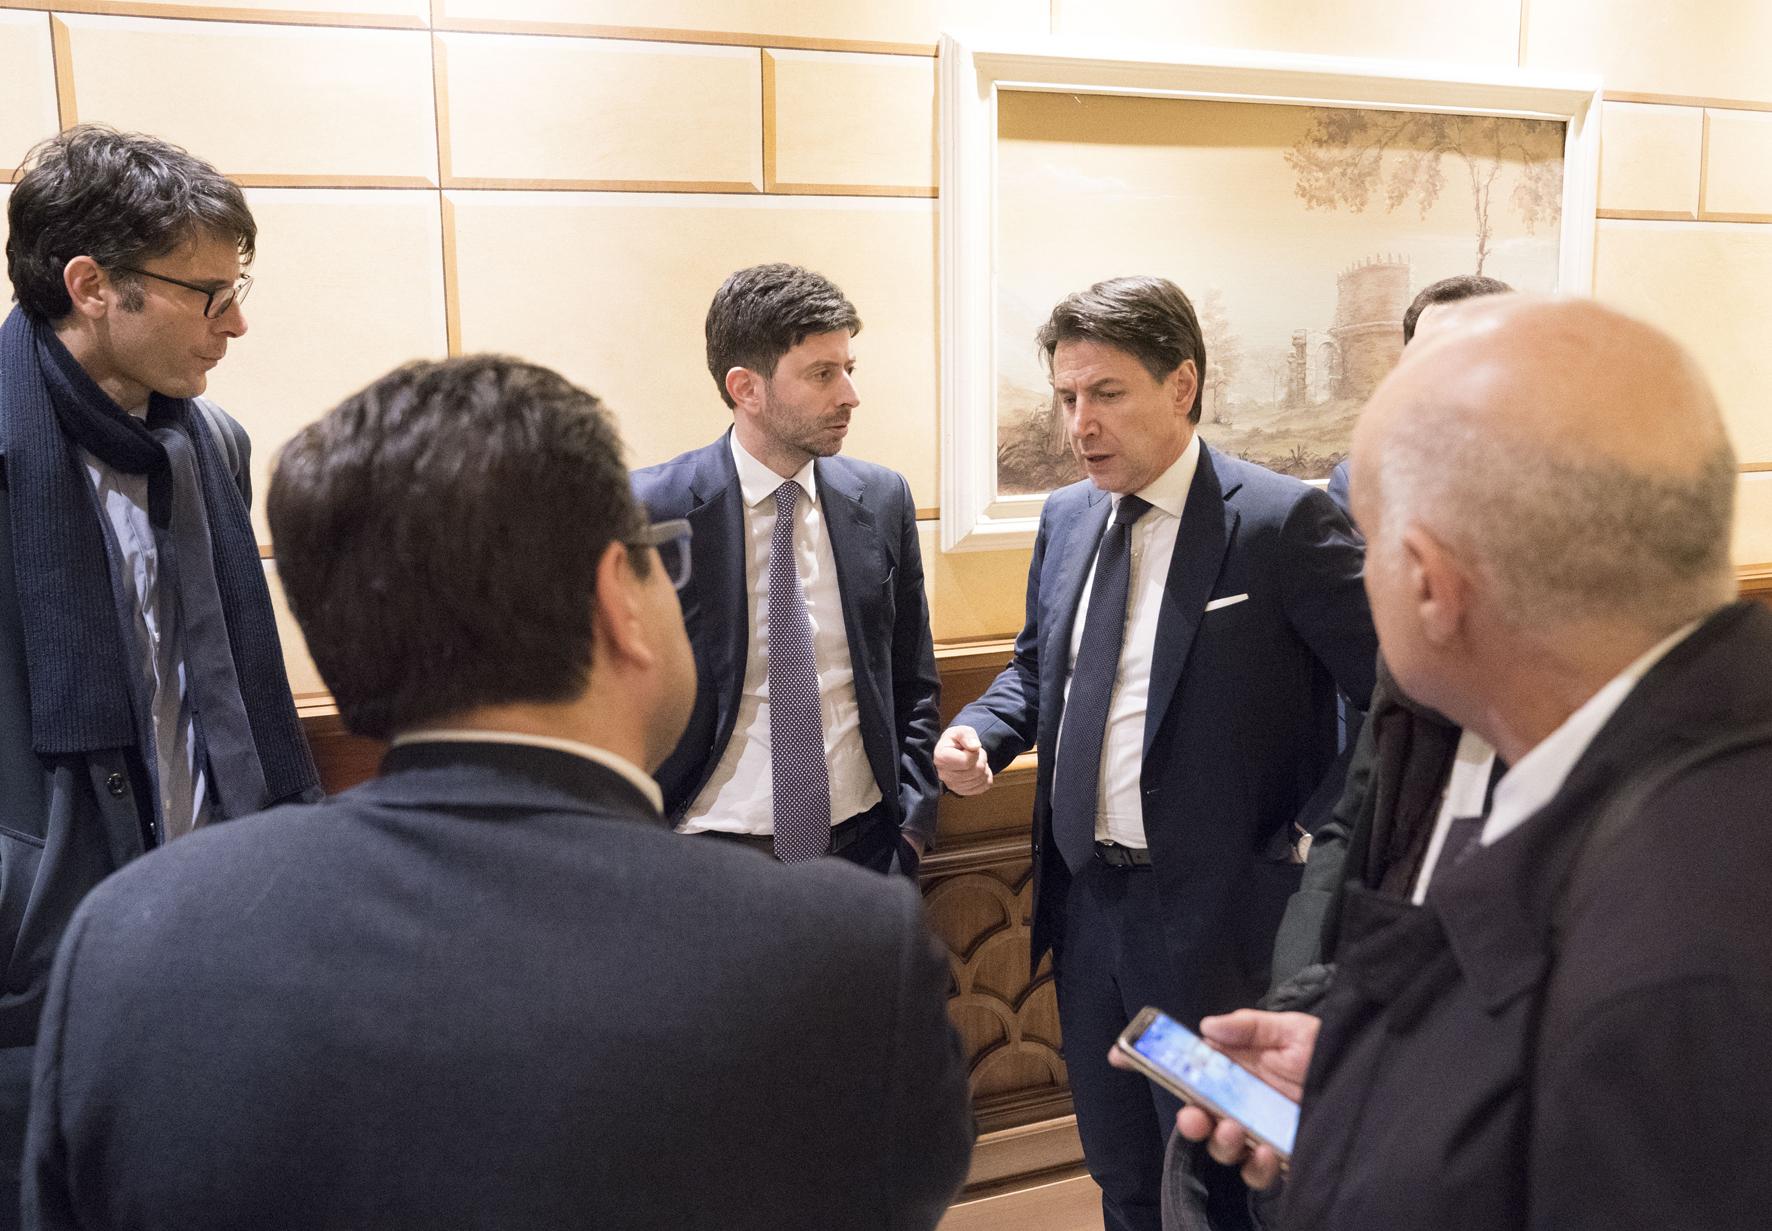 Coronavirus, conferenza stampa del Presidente Conte e del Ministro Speranza Palazzo Chigi, 30/01/2020 - Il Presidente del Consiglio, Giuseppe Conte, e il Ministro della salute Roberto Speranza prima della conferenza stampa. (ph. PDCM)